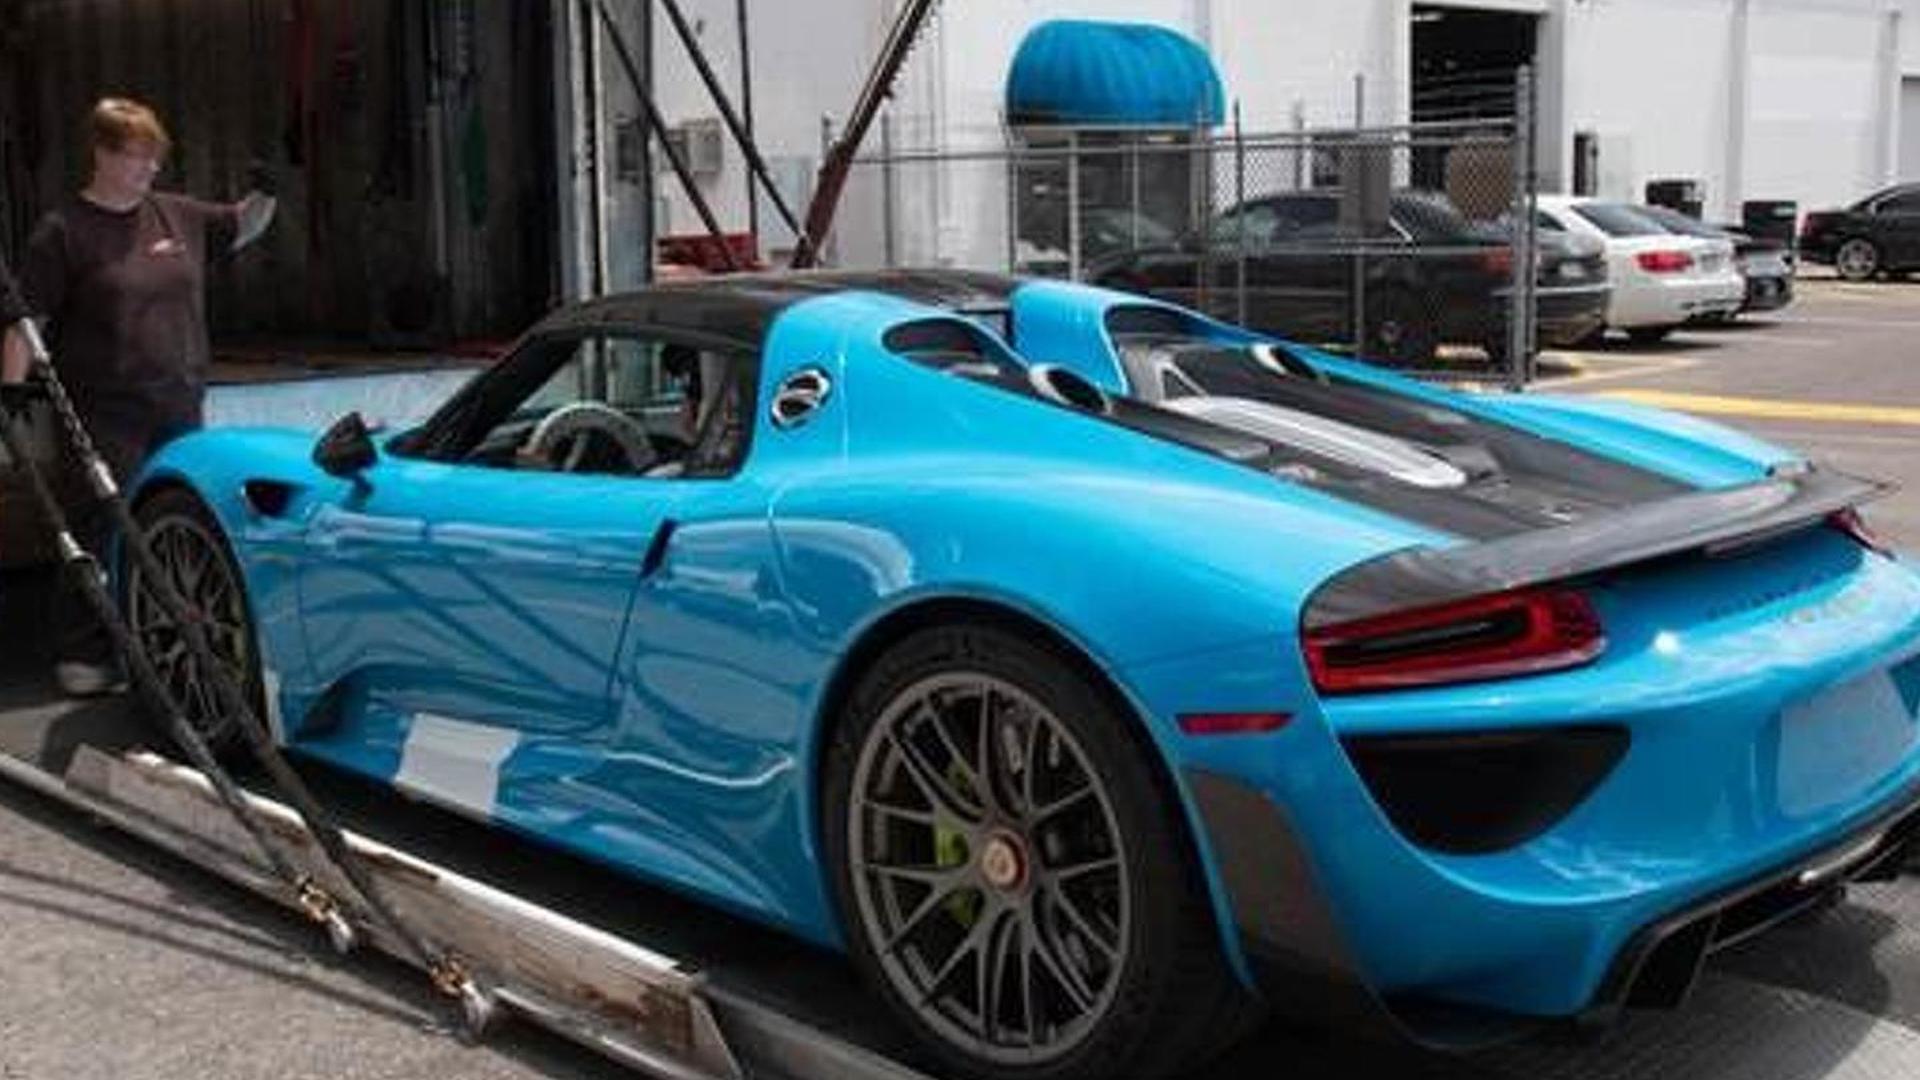 2015-560268-porsche-918-spyder-riviera-blue-with-weissach-package1 Mesmerizing Porsche 918 Spyder with Weissach Package Price Cars Trend